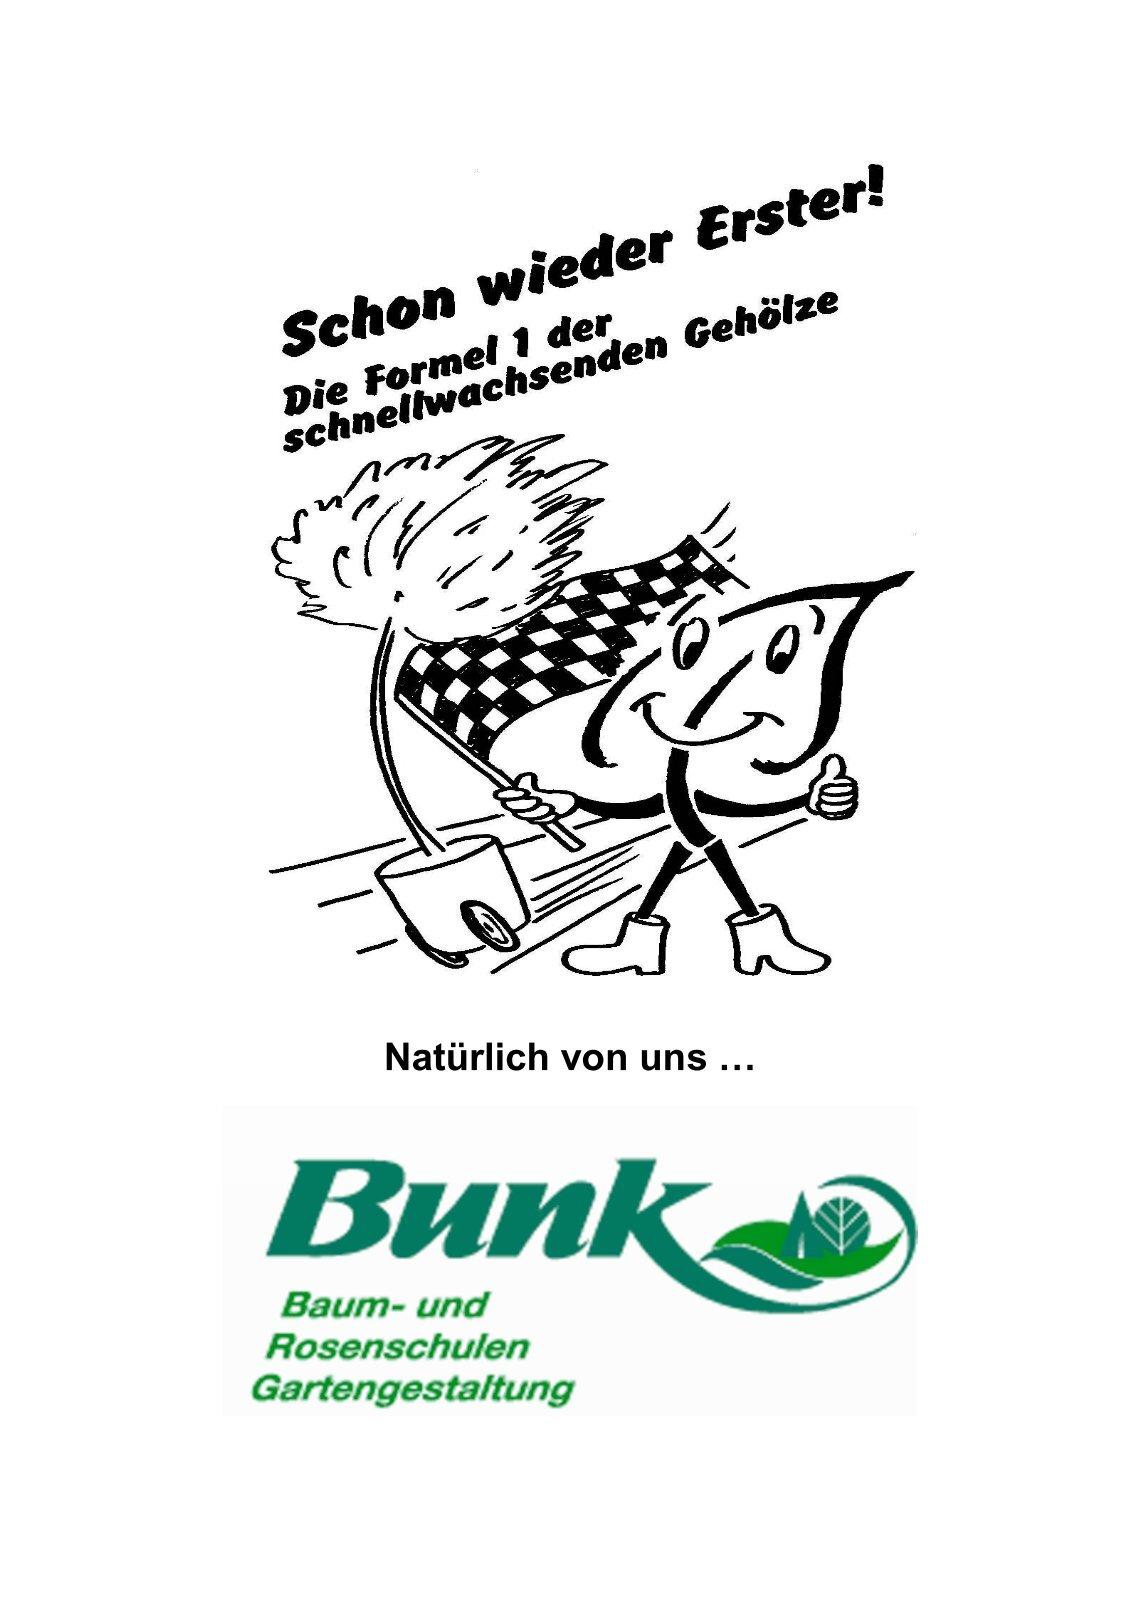 4 free Magazines from BAUMSCHULE.BUNK.DE